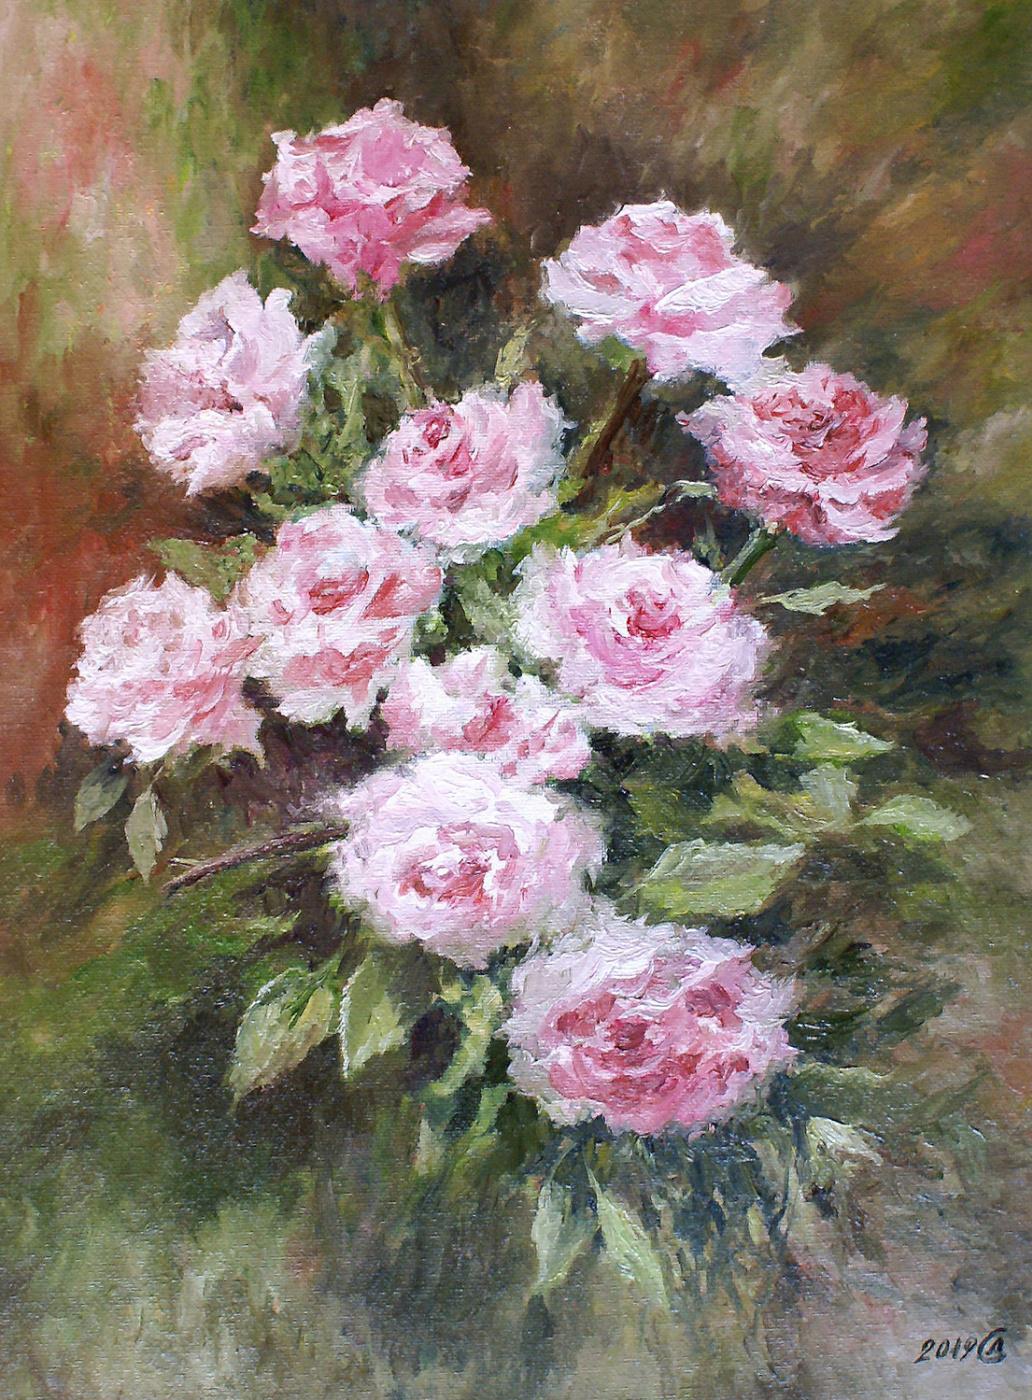 Сергей Владимирович Дорофеев. Pink sketch